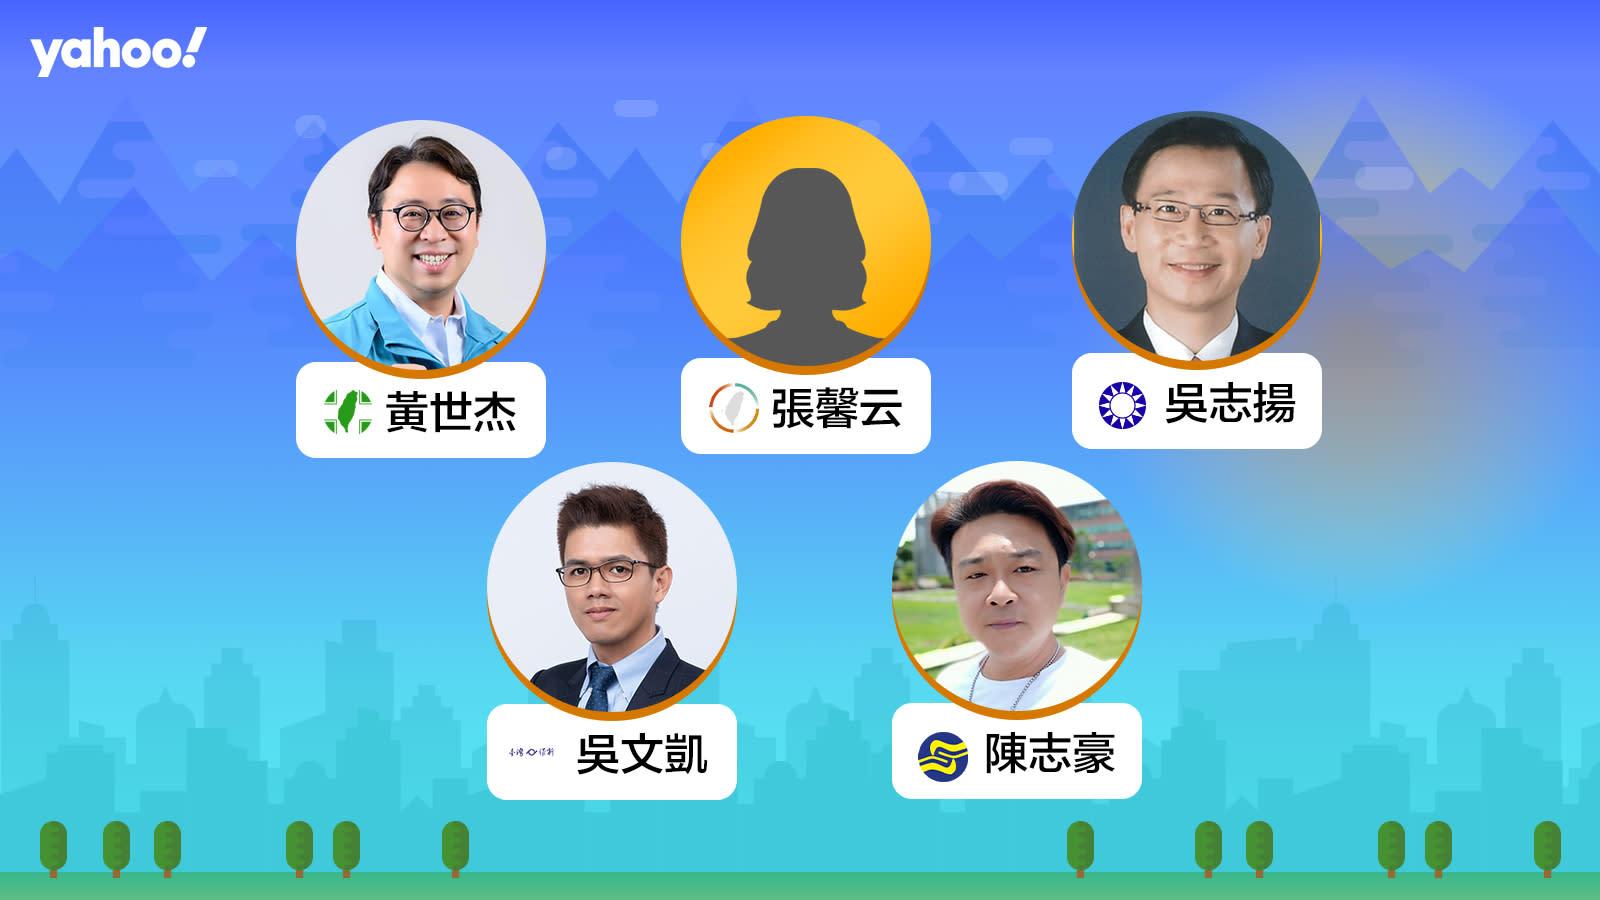 2020立委選舉桃園市第二選區(楊梅,大園,新屋,觀音),你支持誰?